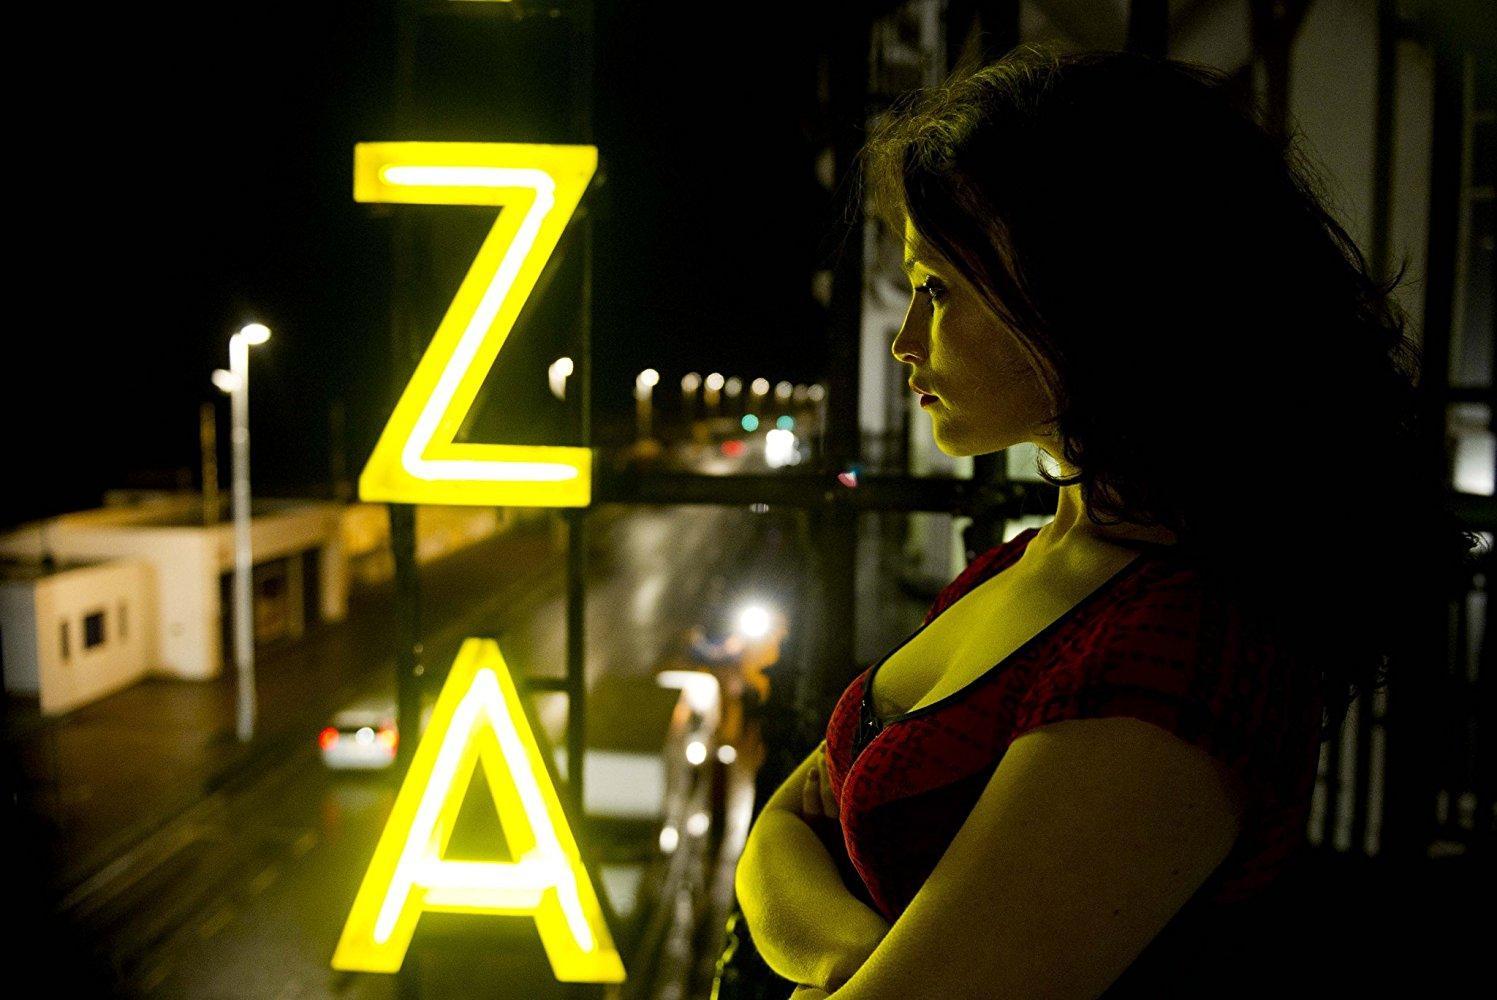 Imagem do filme Byzantium - Uma Vida Eterna. A Imagem mostra Clara, interpretada por Gemma Arteton, parada na sacada do hotel Byzantium, de noite.